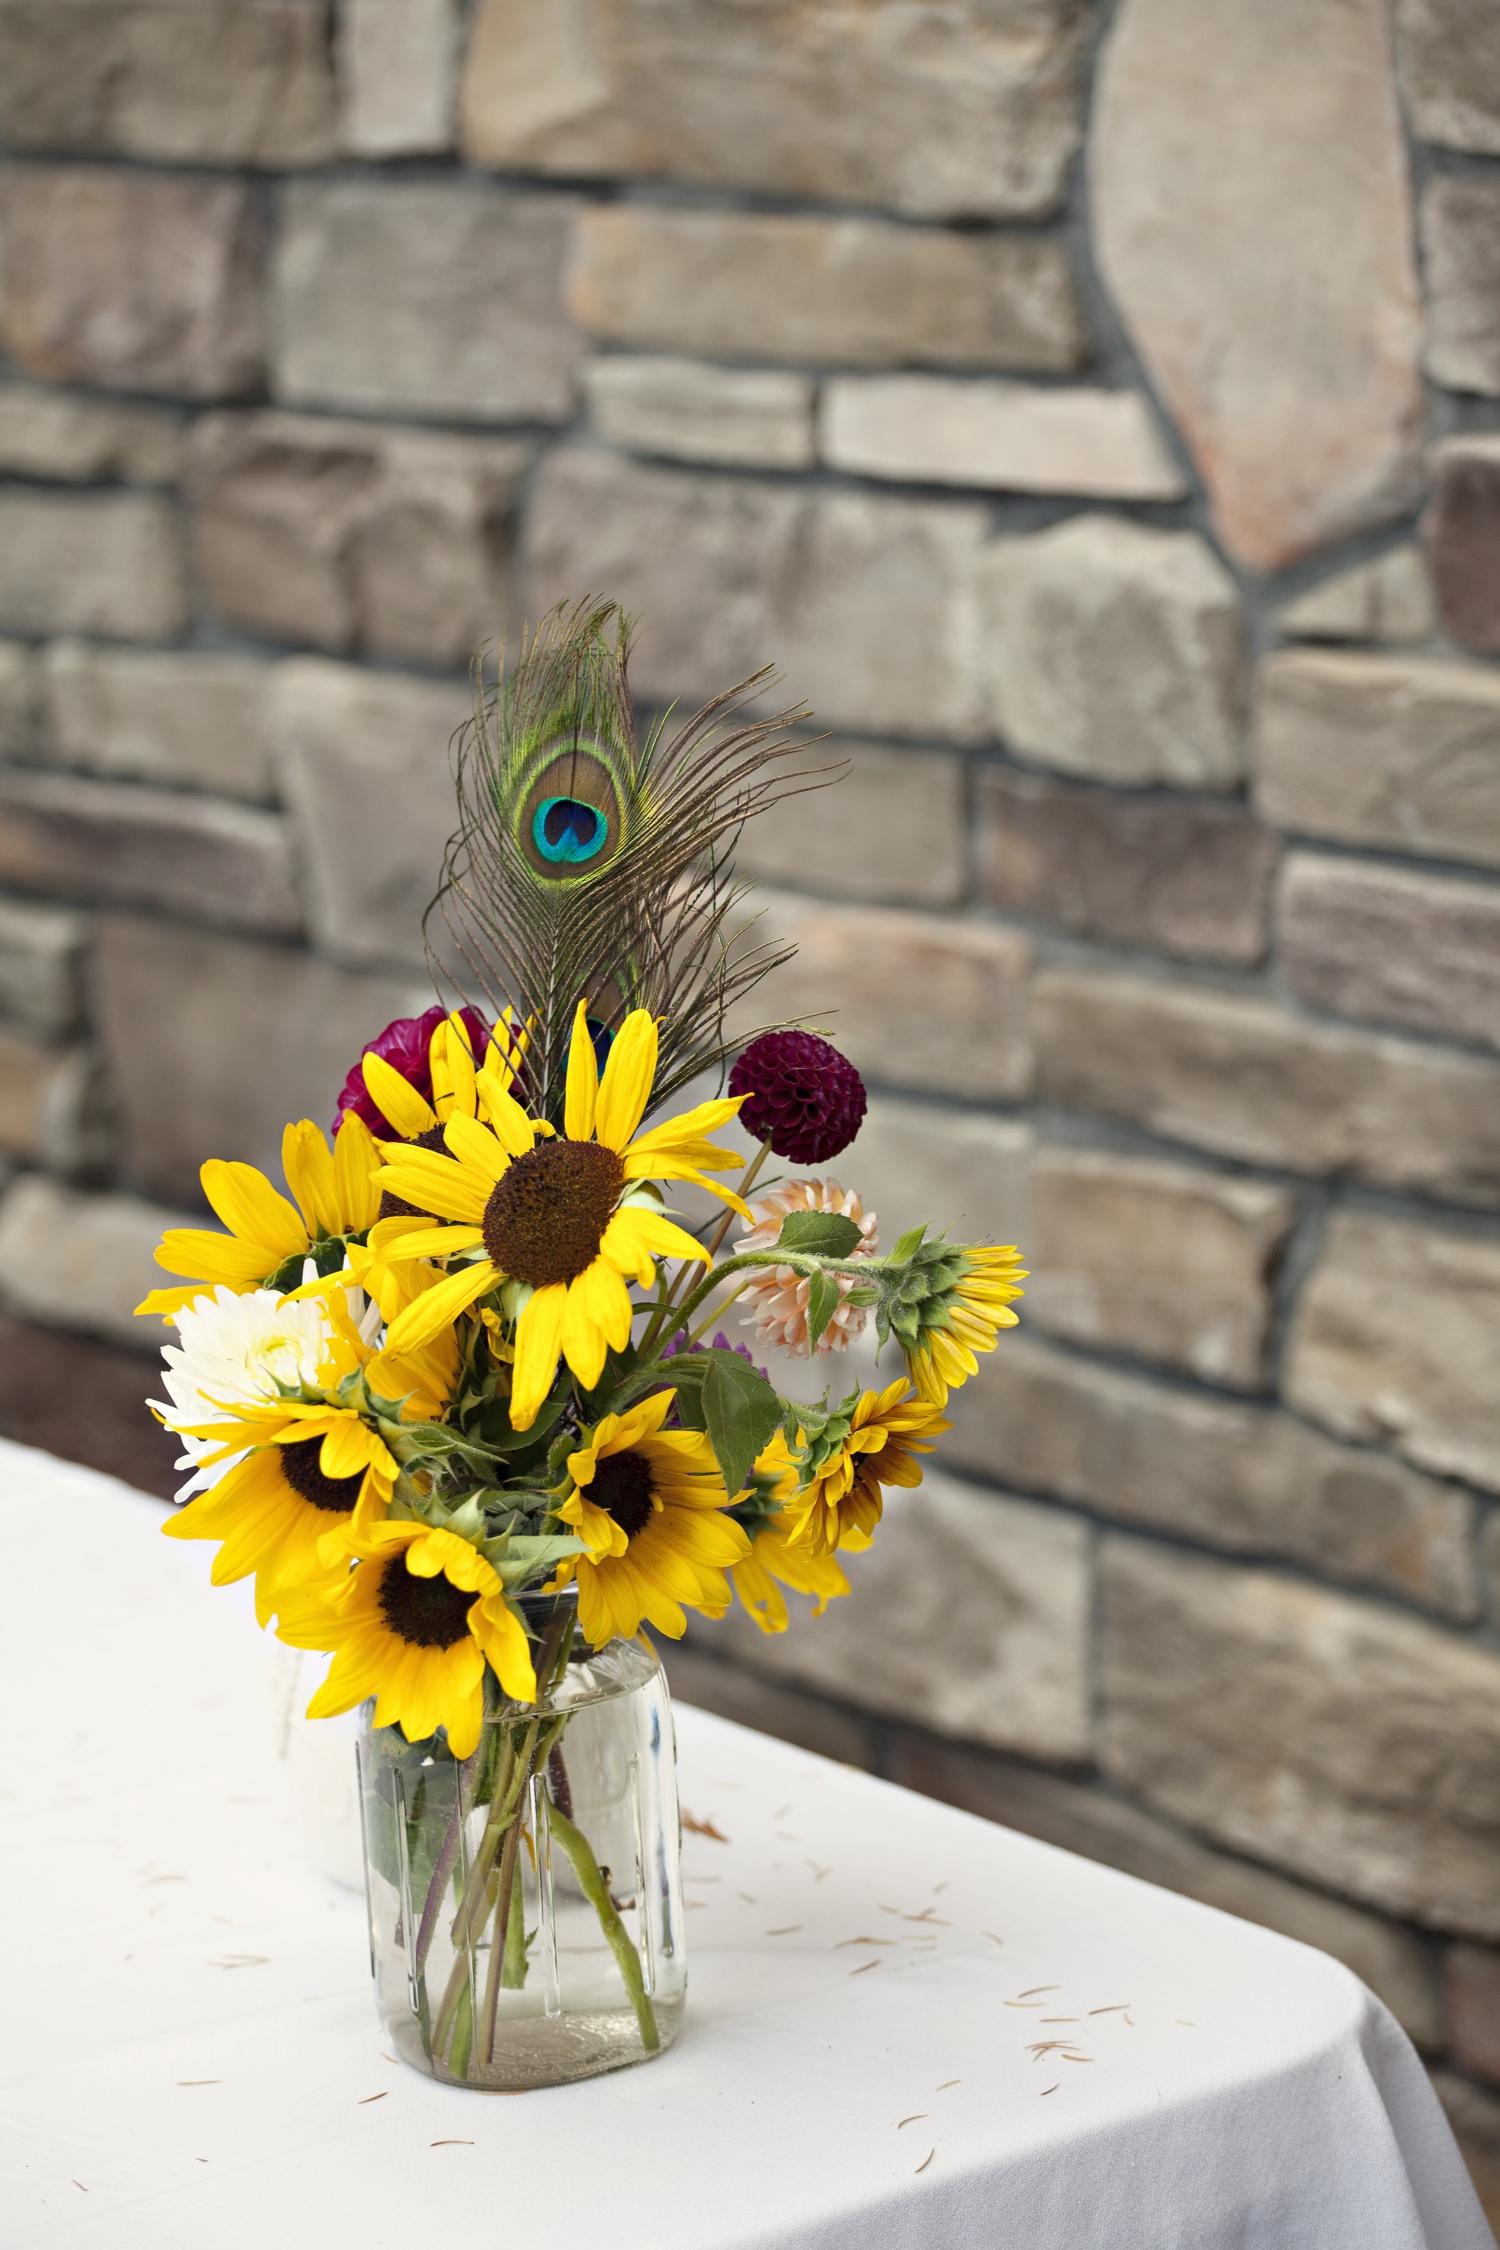 Sunflower Arrangements Diy : Sunflower wedding centerpiece onewed